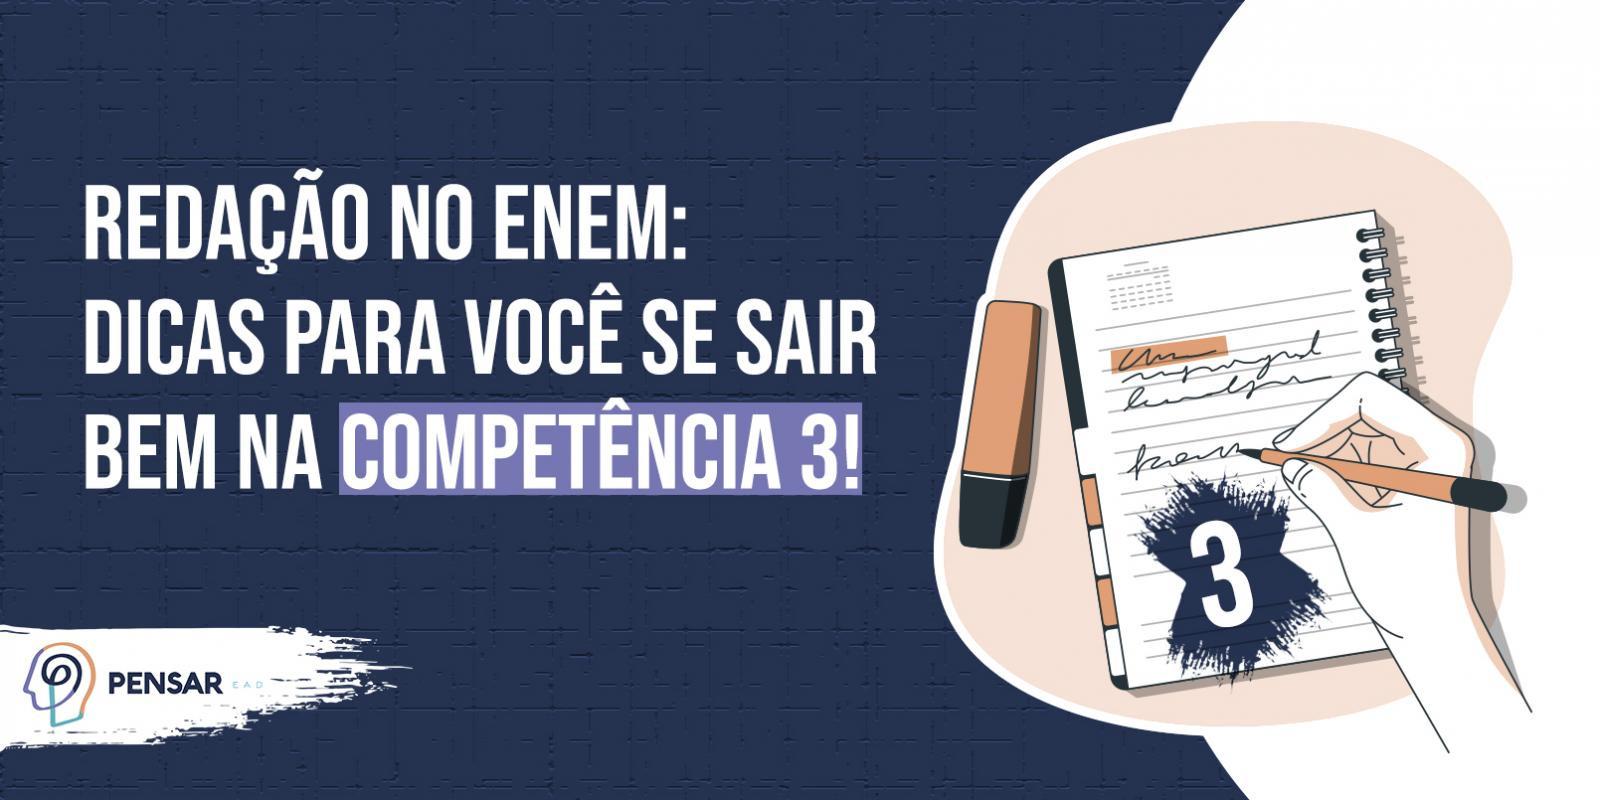 Redação no ENEM: dicas para você se sair bem na competência 3!